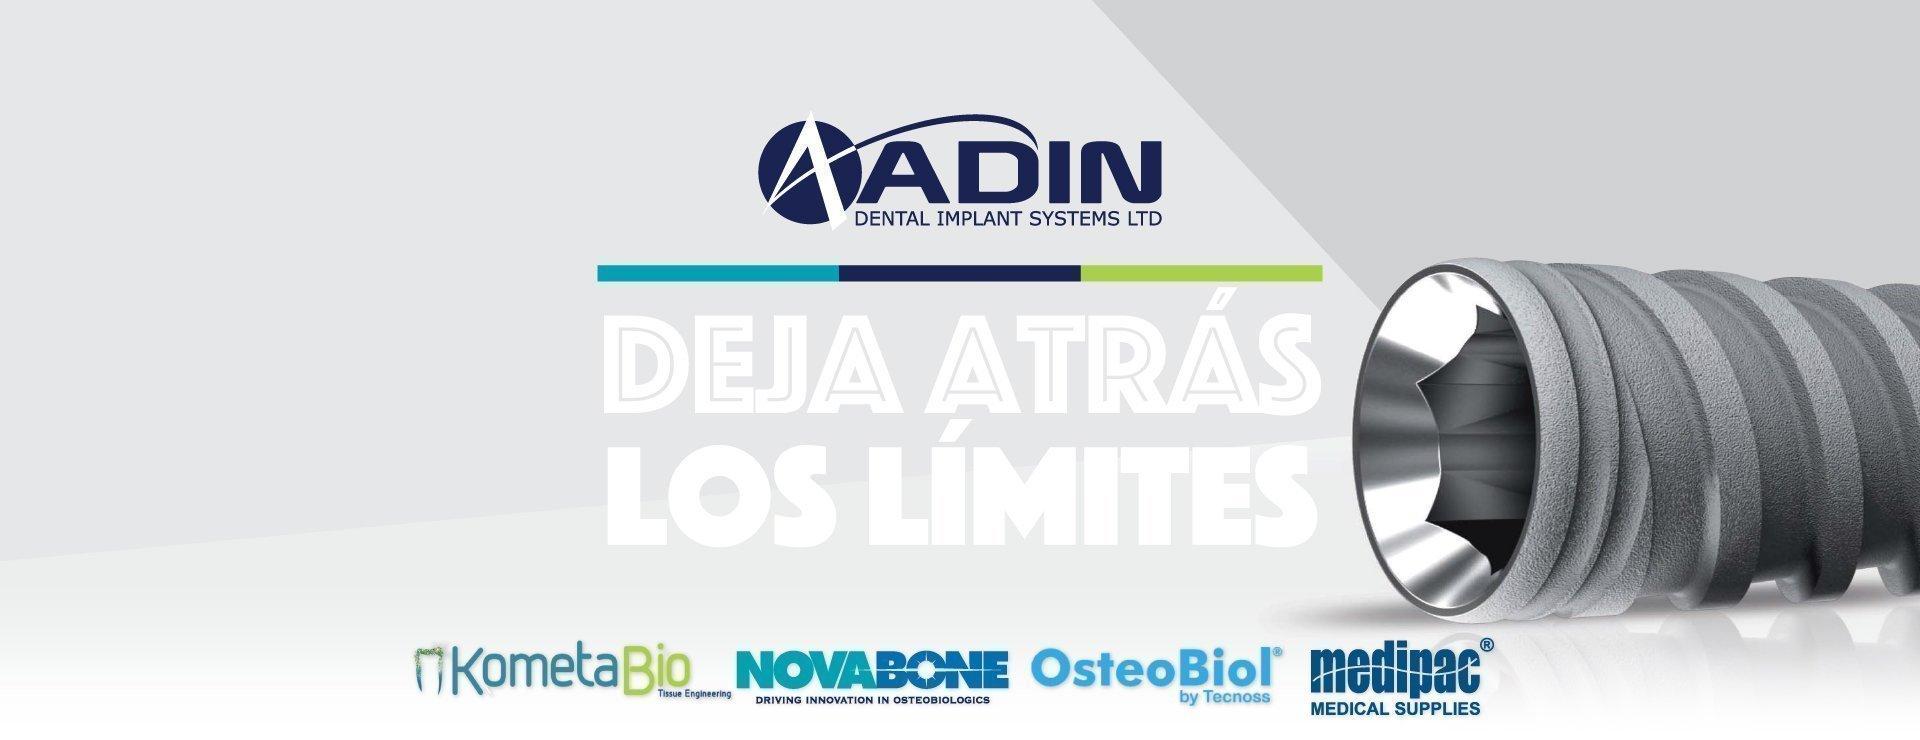 Implantes dentales Adín soluciones